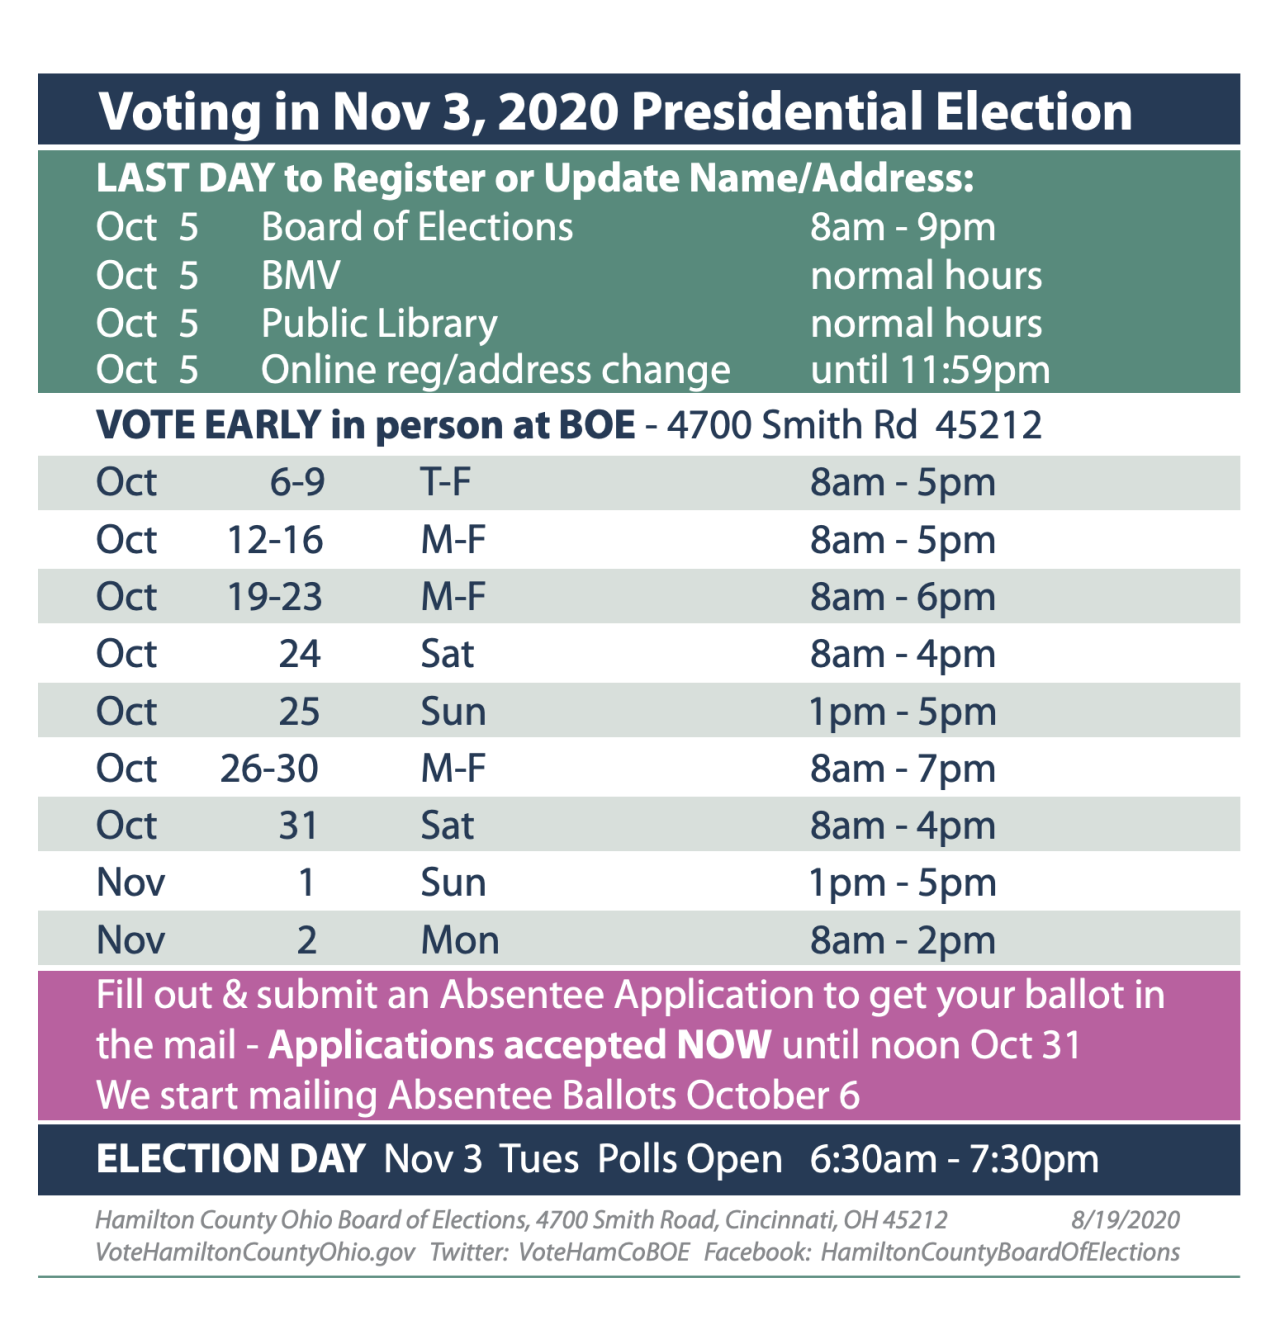 WCPO_hamco_voting.jpg